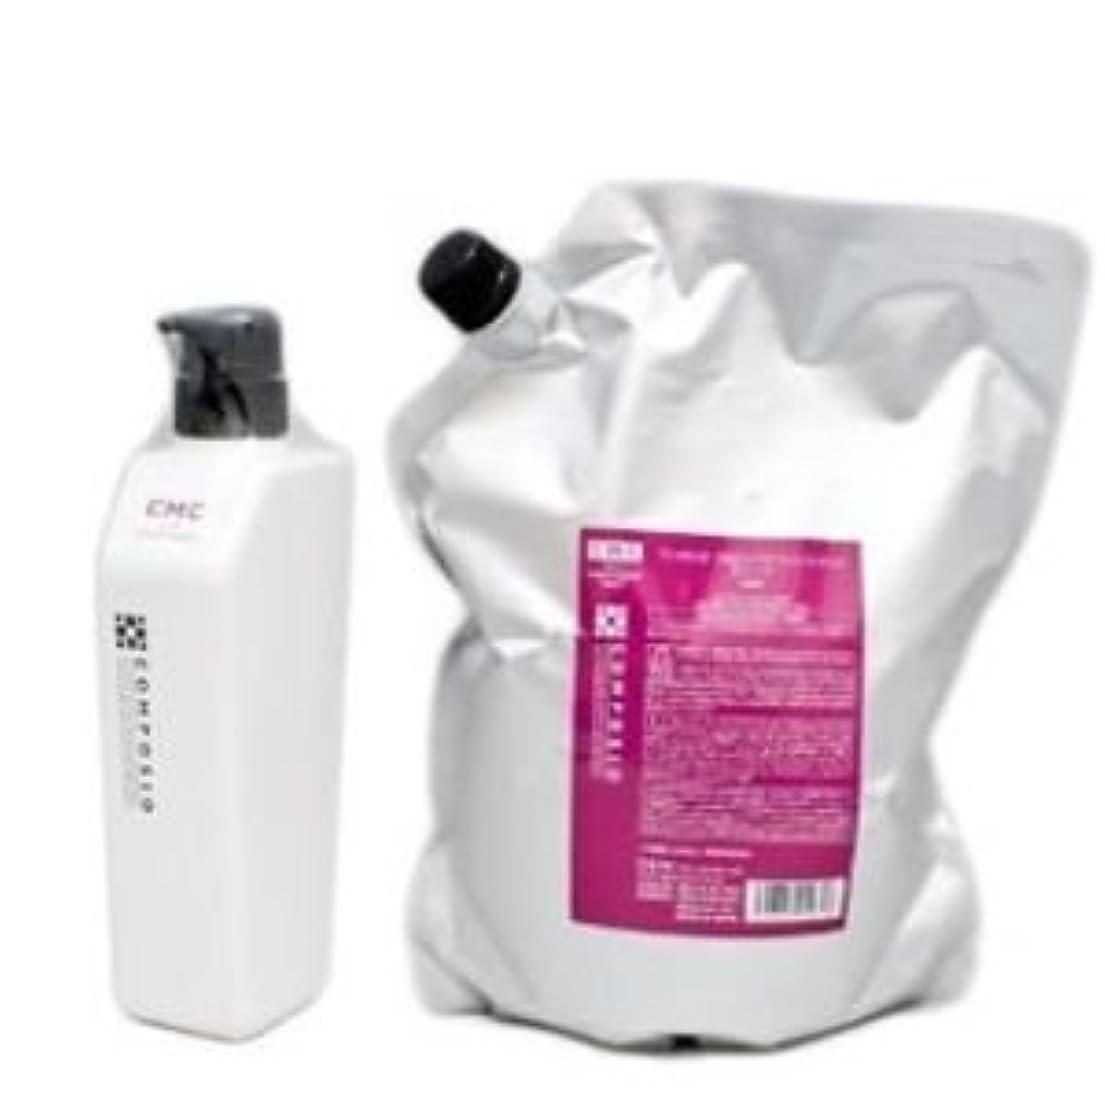 早く気質スプリットデミ コンポジオ CMCリペアトリートメント ボトル550g & 2000g 業務用詰替え付きセット